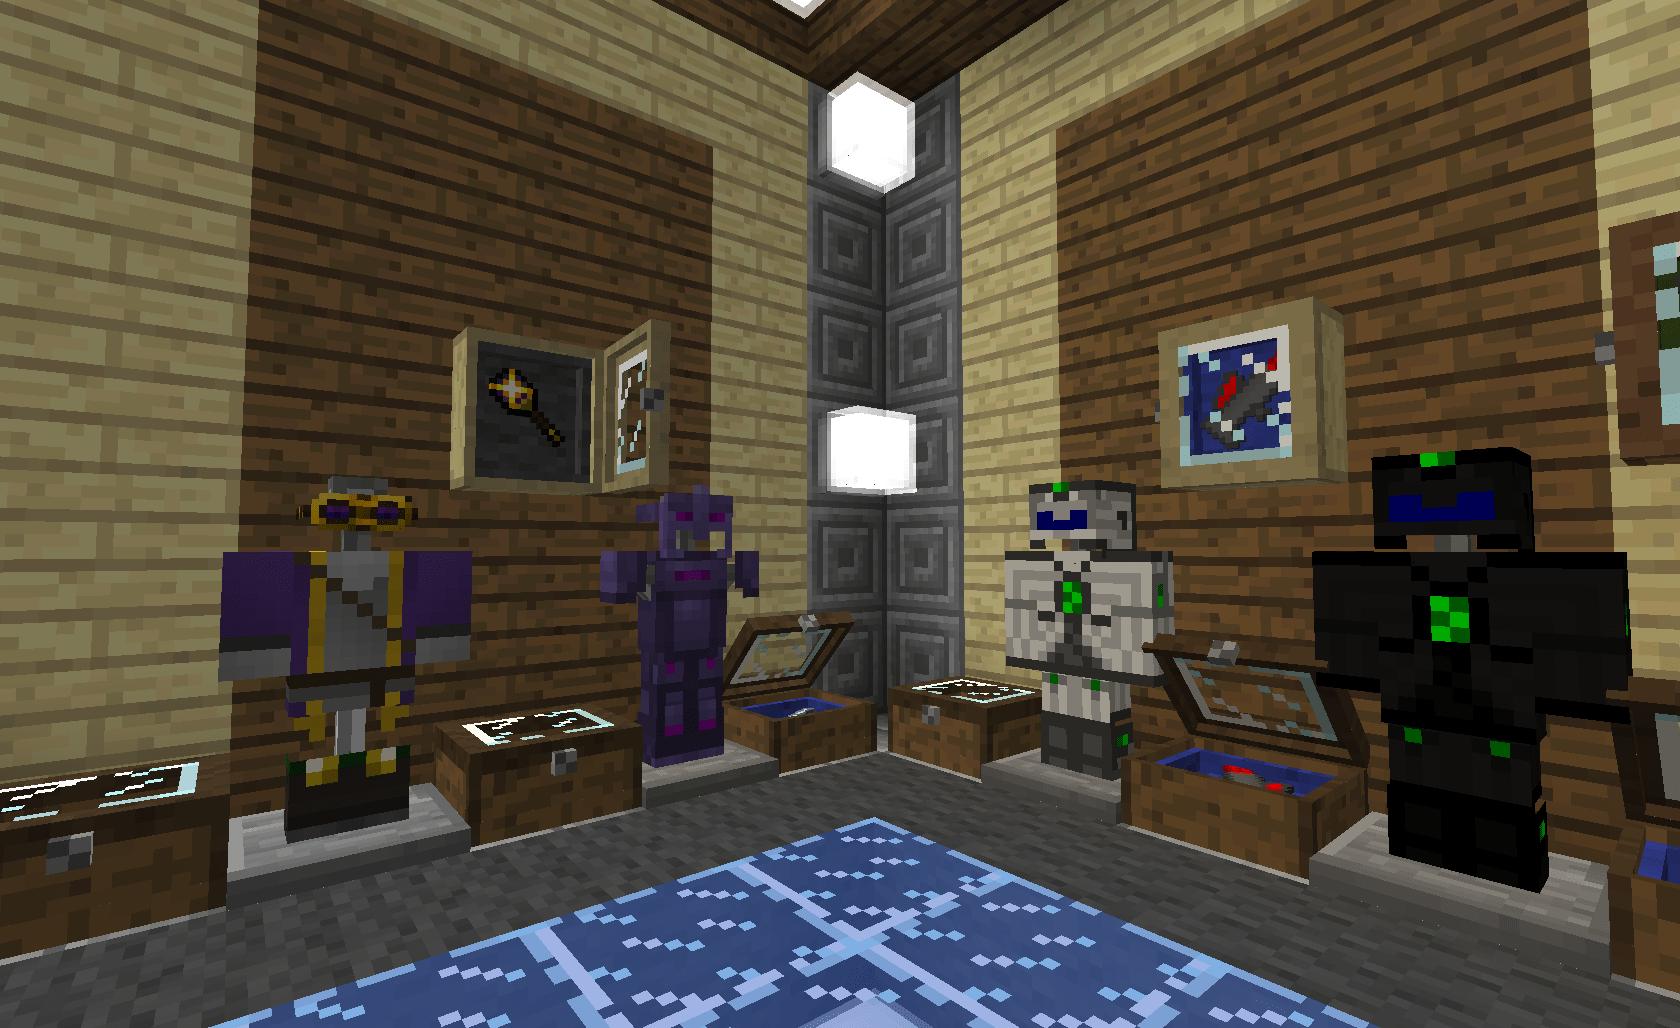 1 5 2 Bibliocraft Mod Download Minecraft Forum